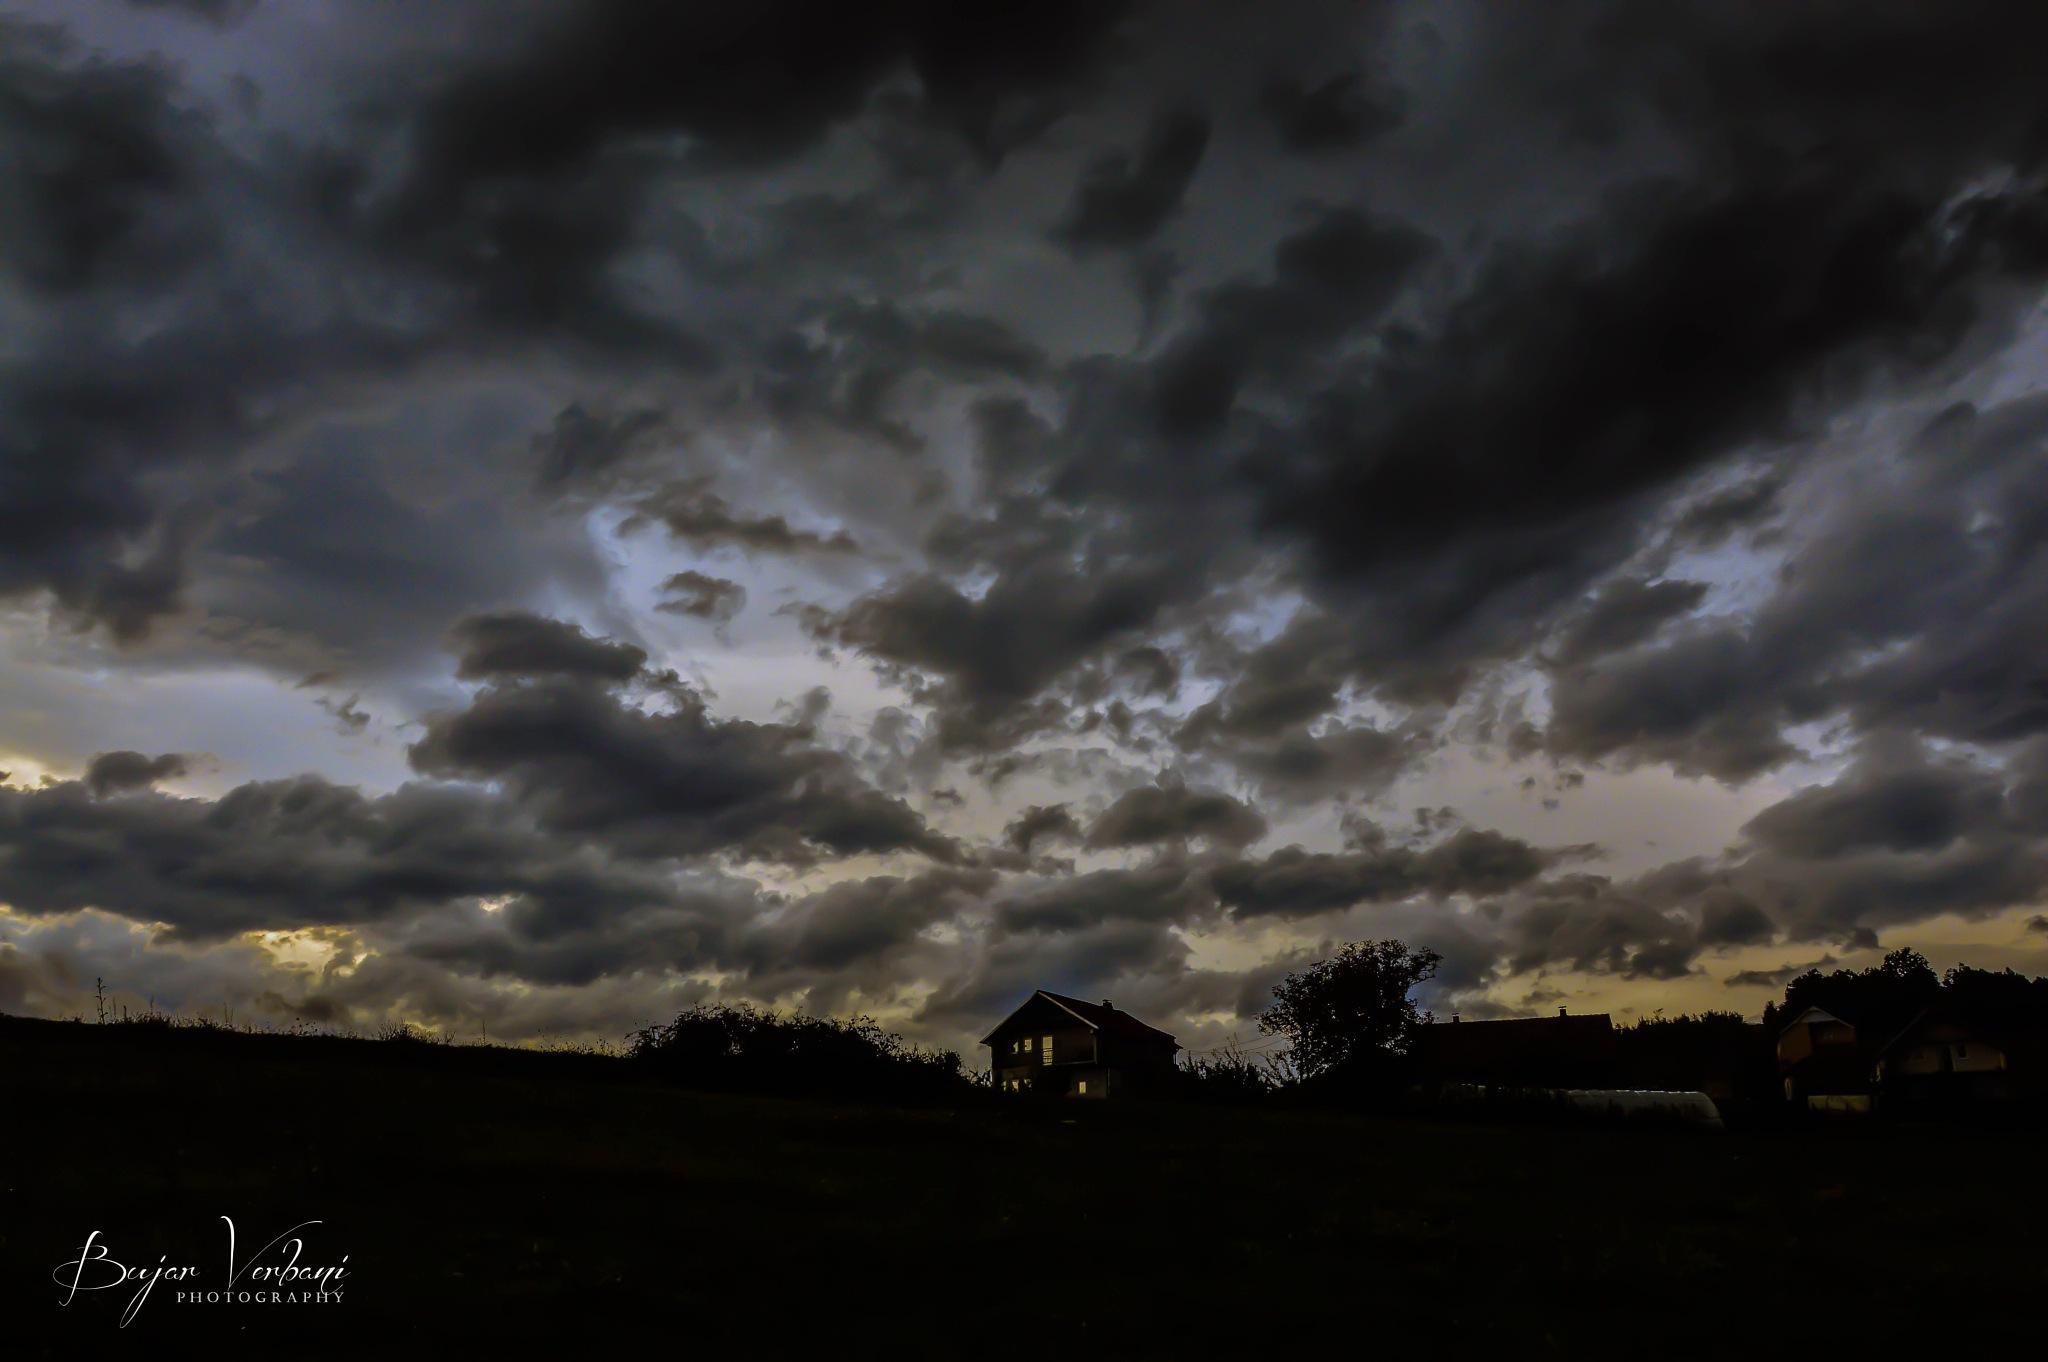 Dramatik Sky by Bujar Vërbani